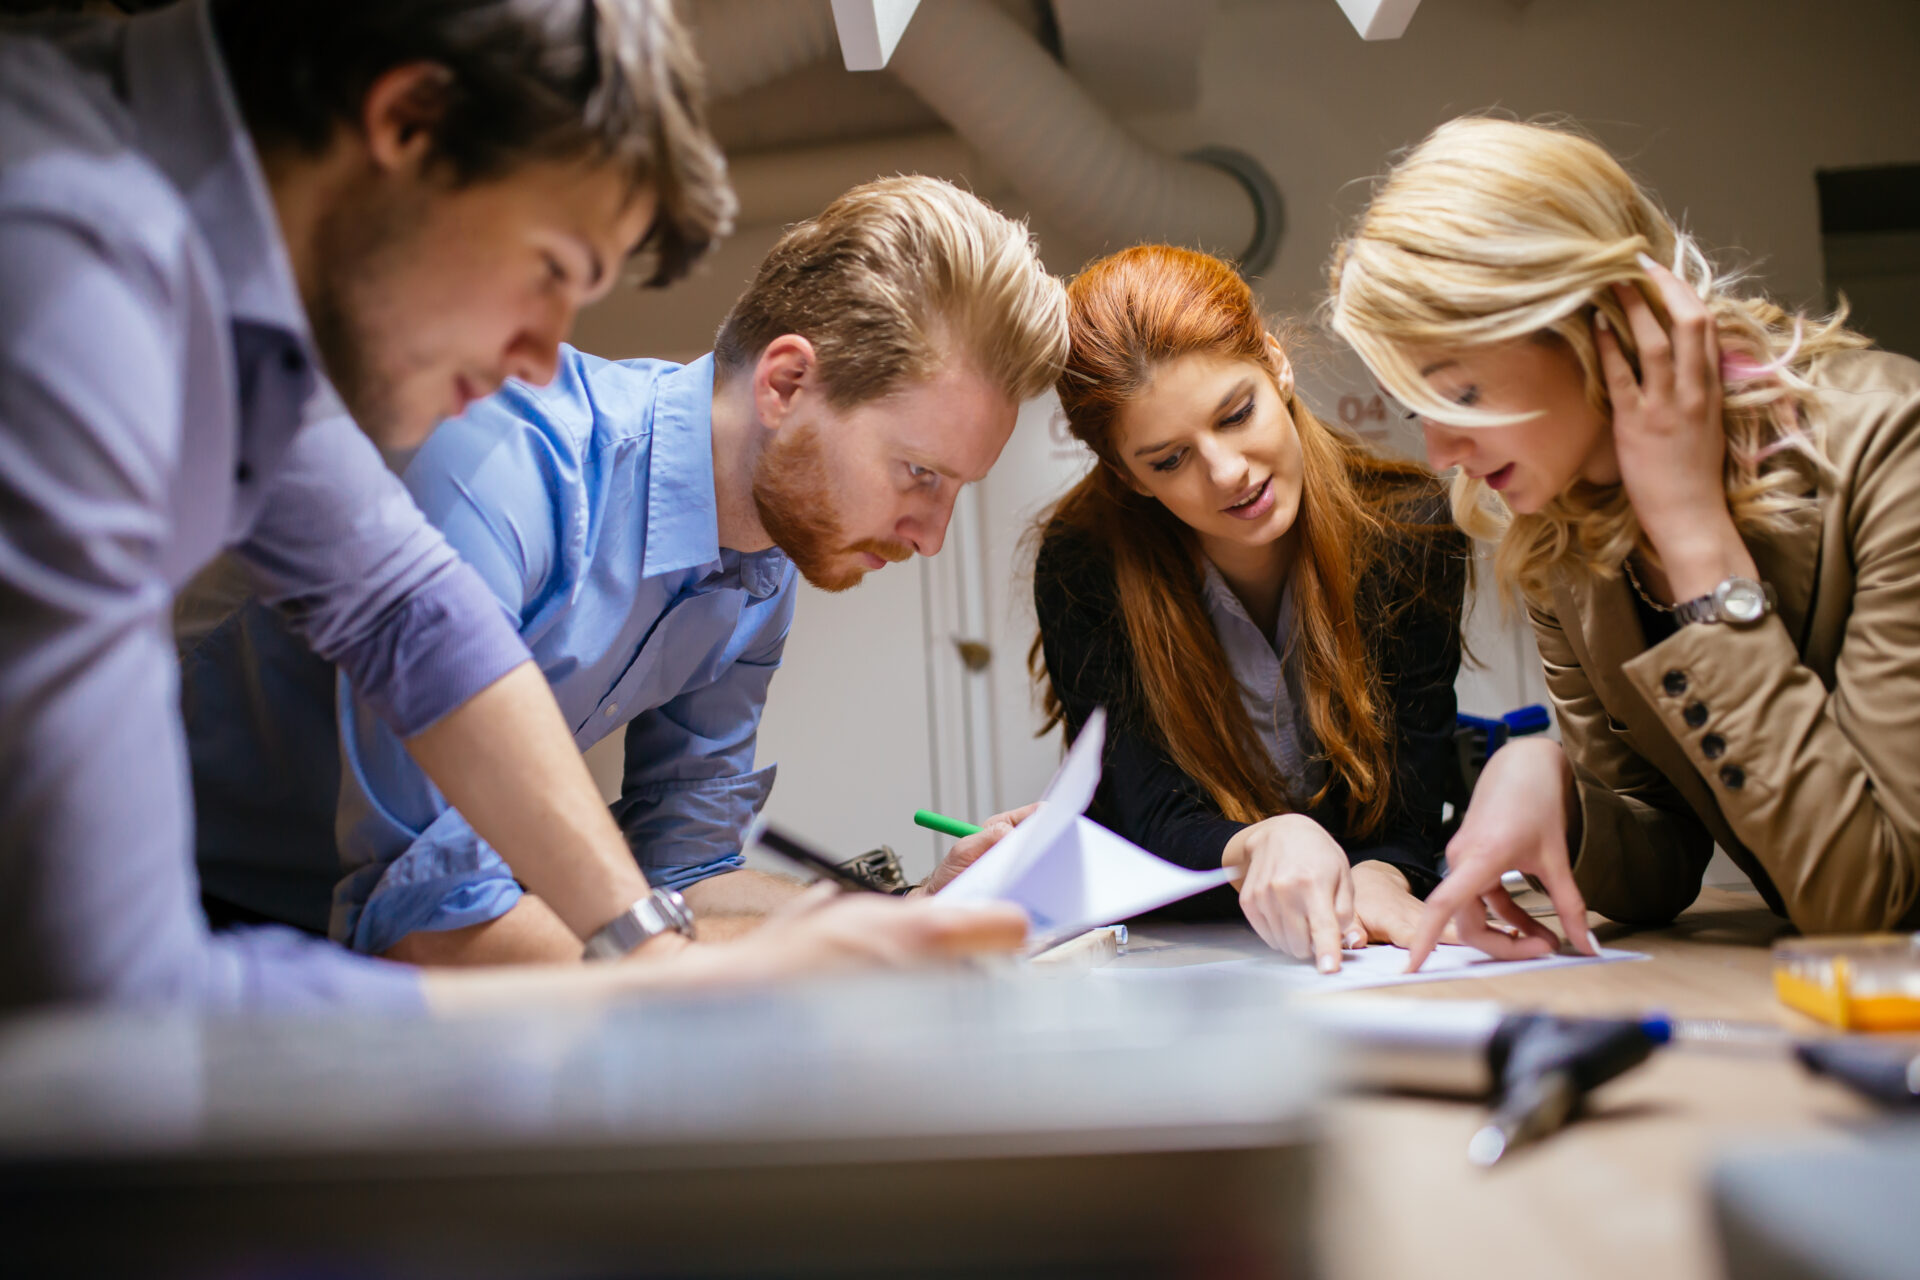 Met goede besturing projecten succesvoller maken - Cratos Consulting